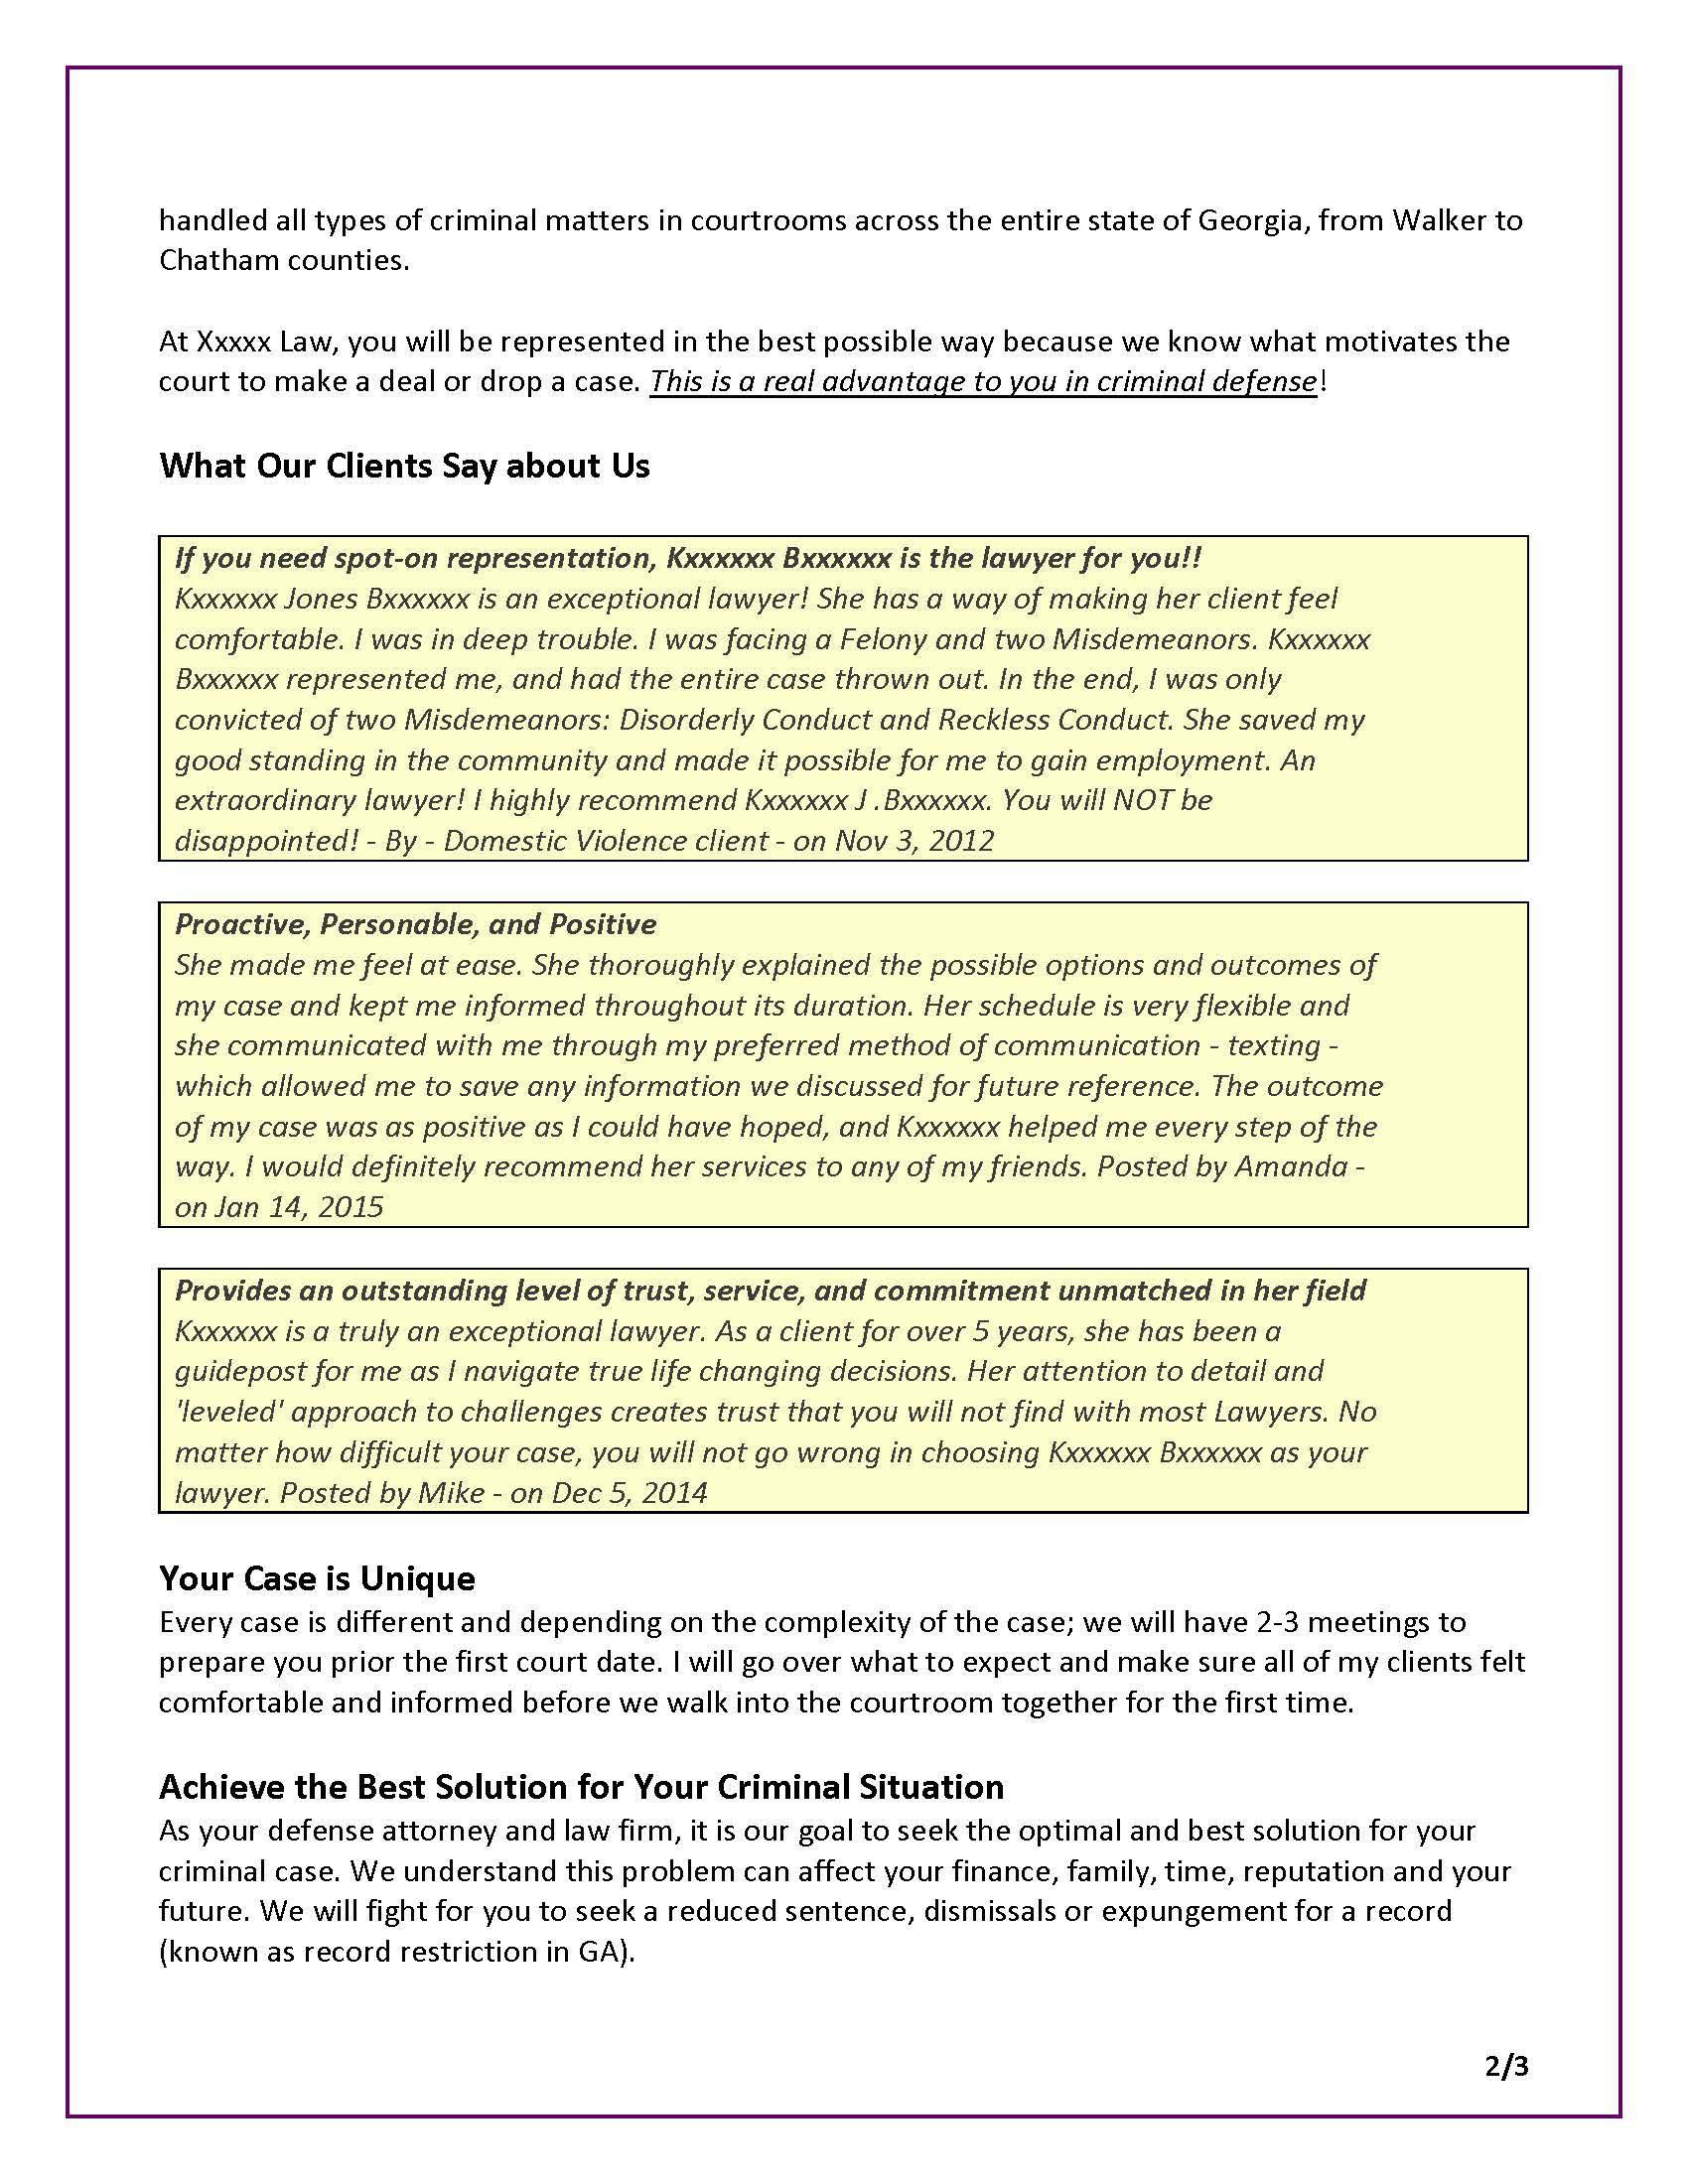 Sales Letter - DM Letter for Criminal Defense Attorney_Page_2